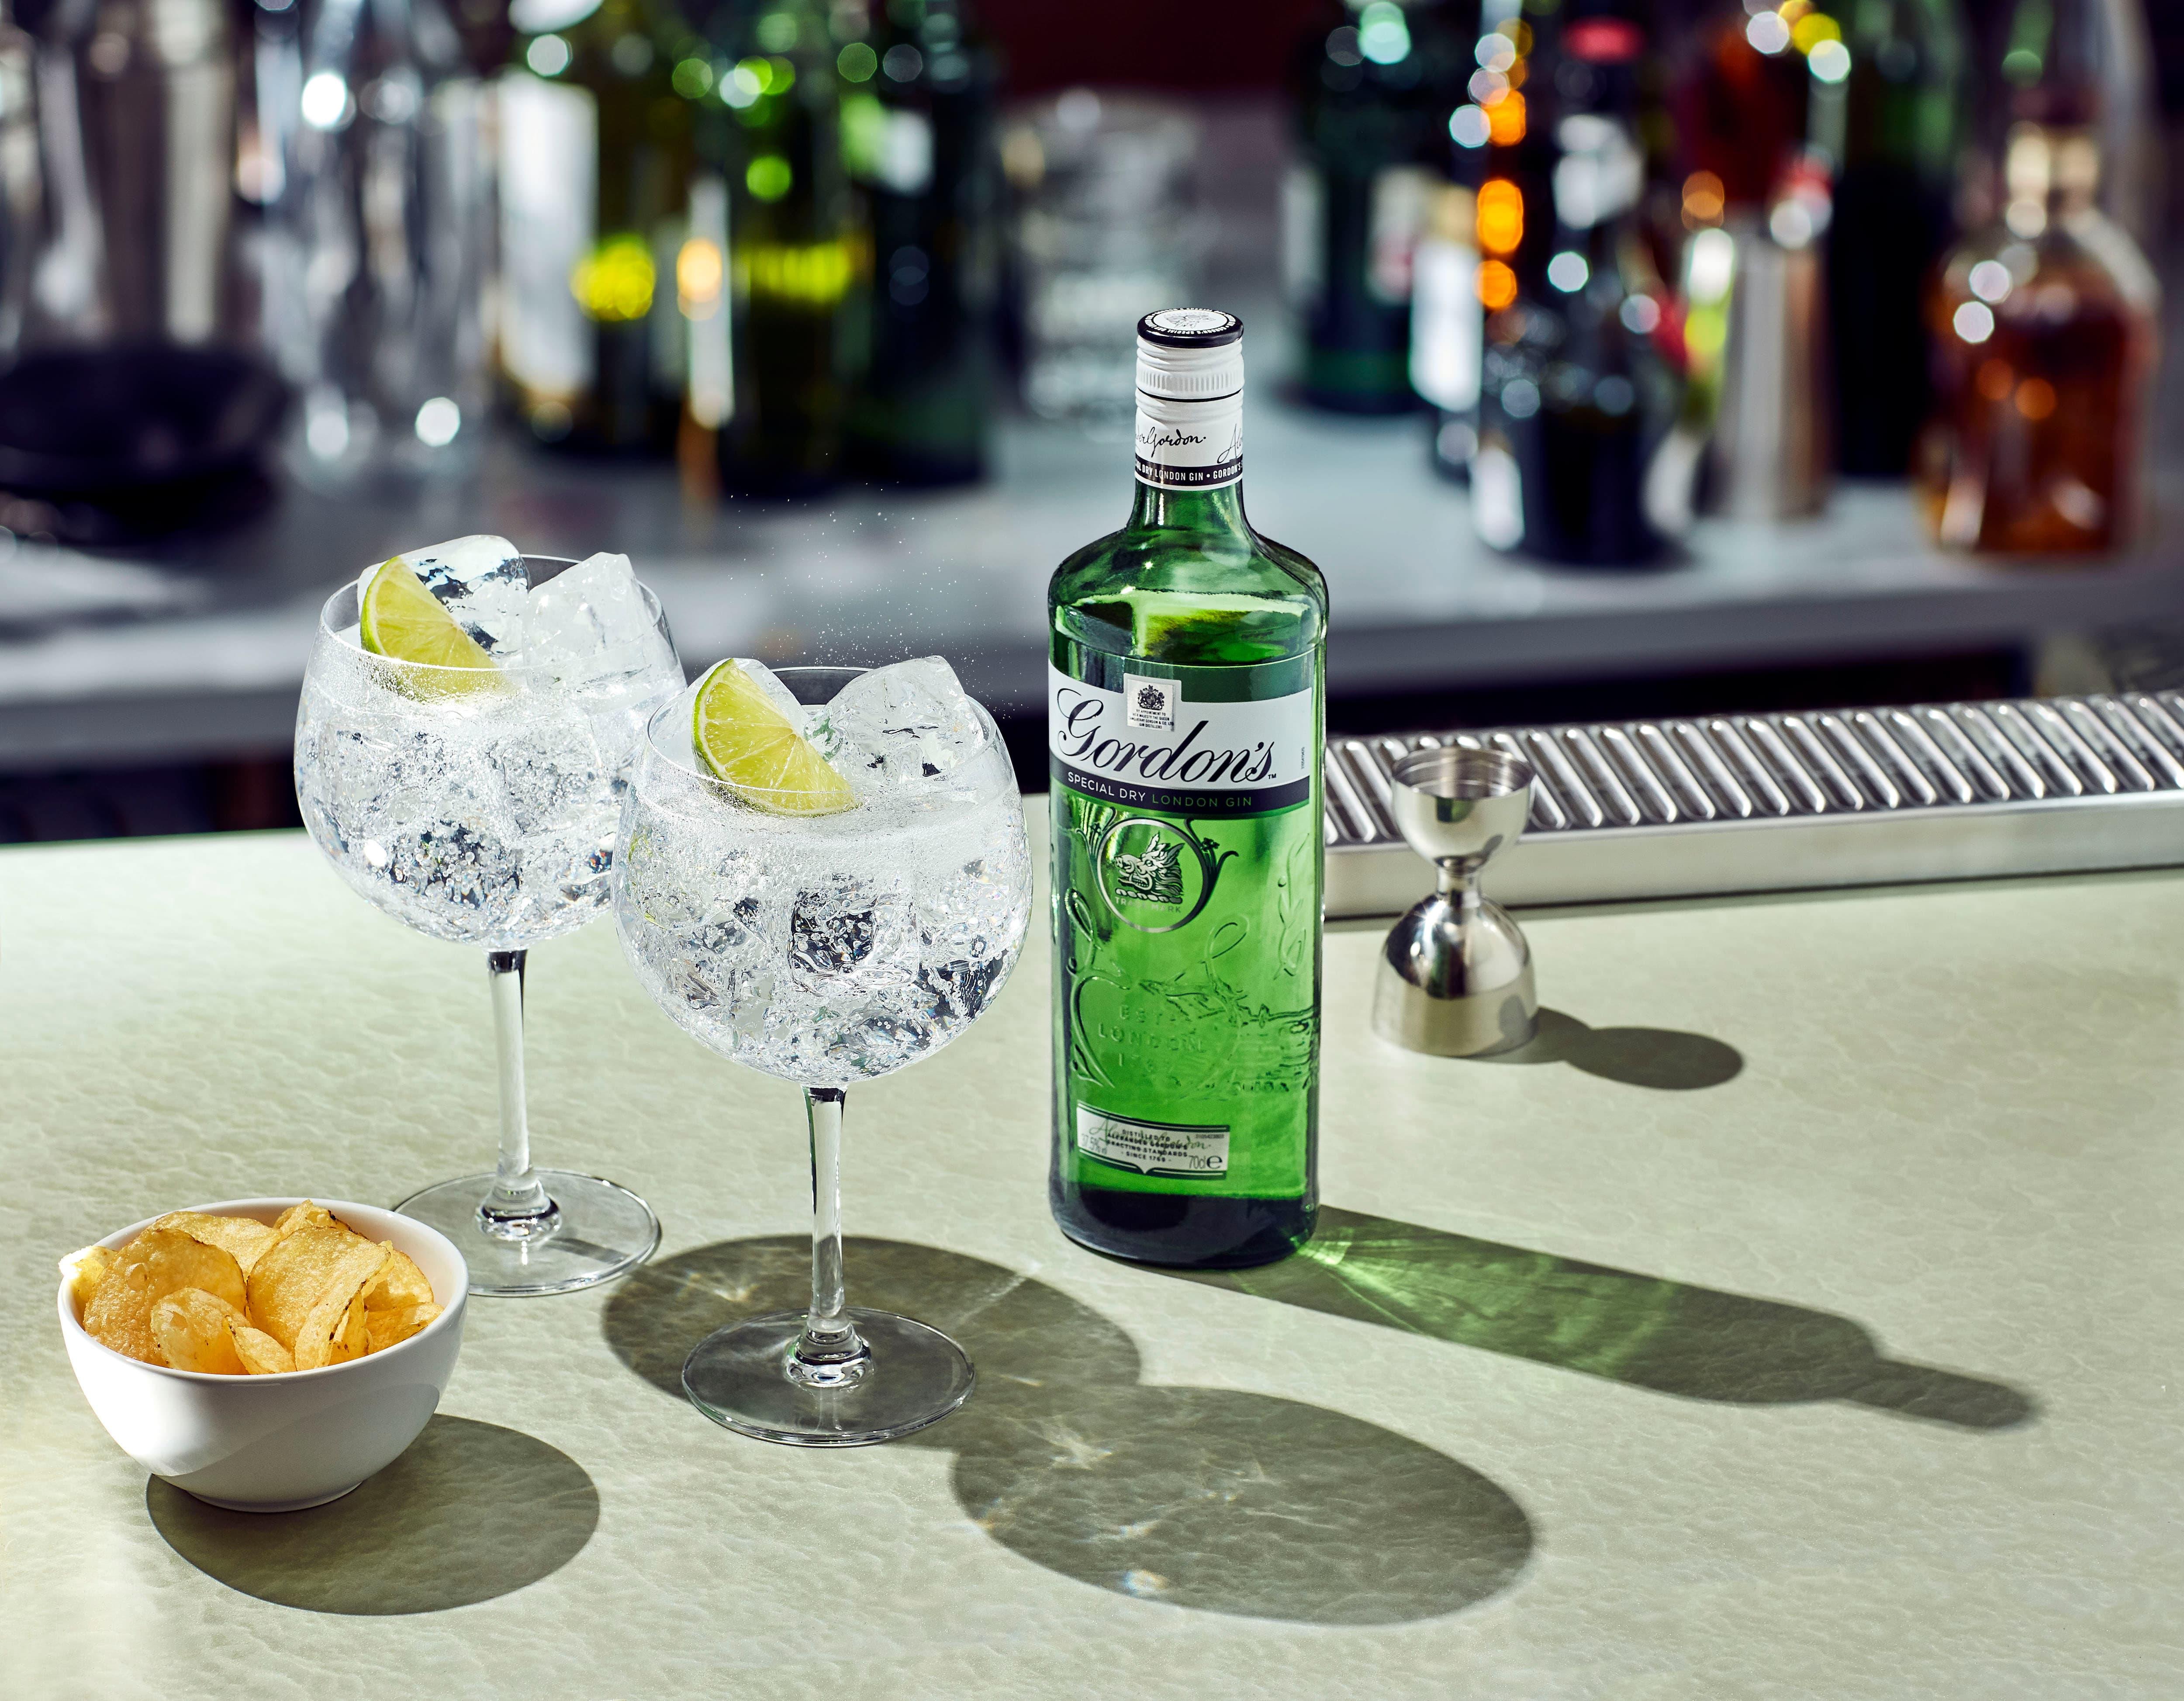 gordon's gin cruise